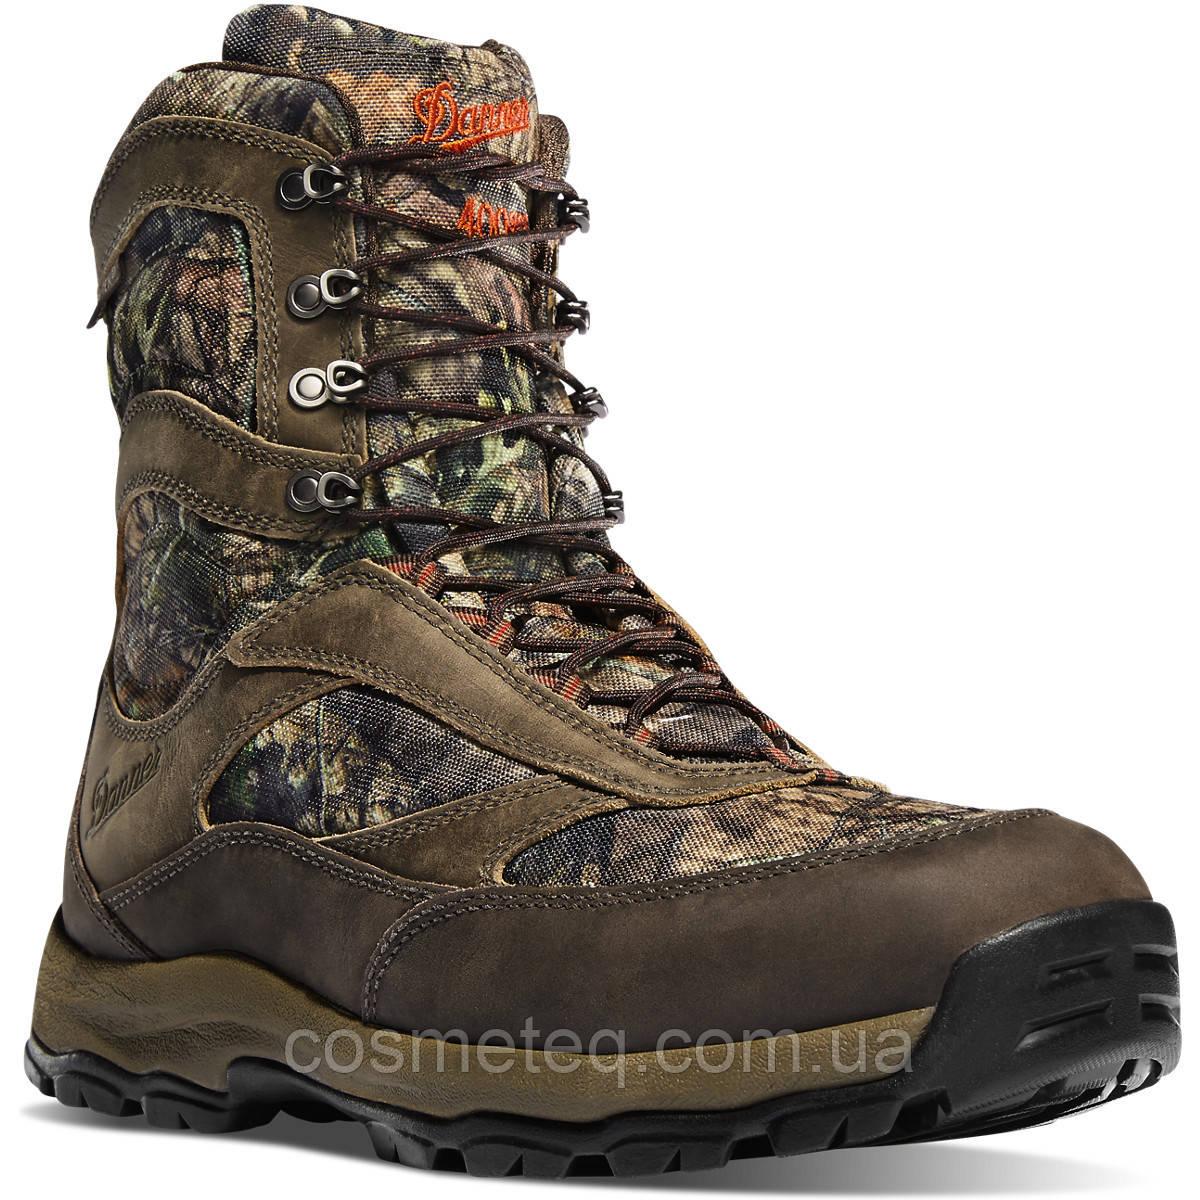 Ботинки для охоты Danner HIGH GROUND MOSSY OAK BREAK-UP COUNTRY INSULATED 400G